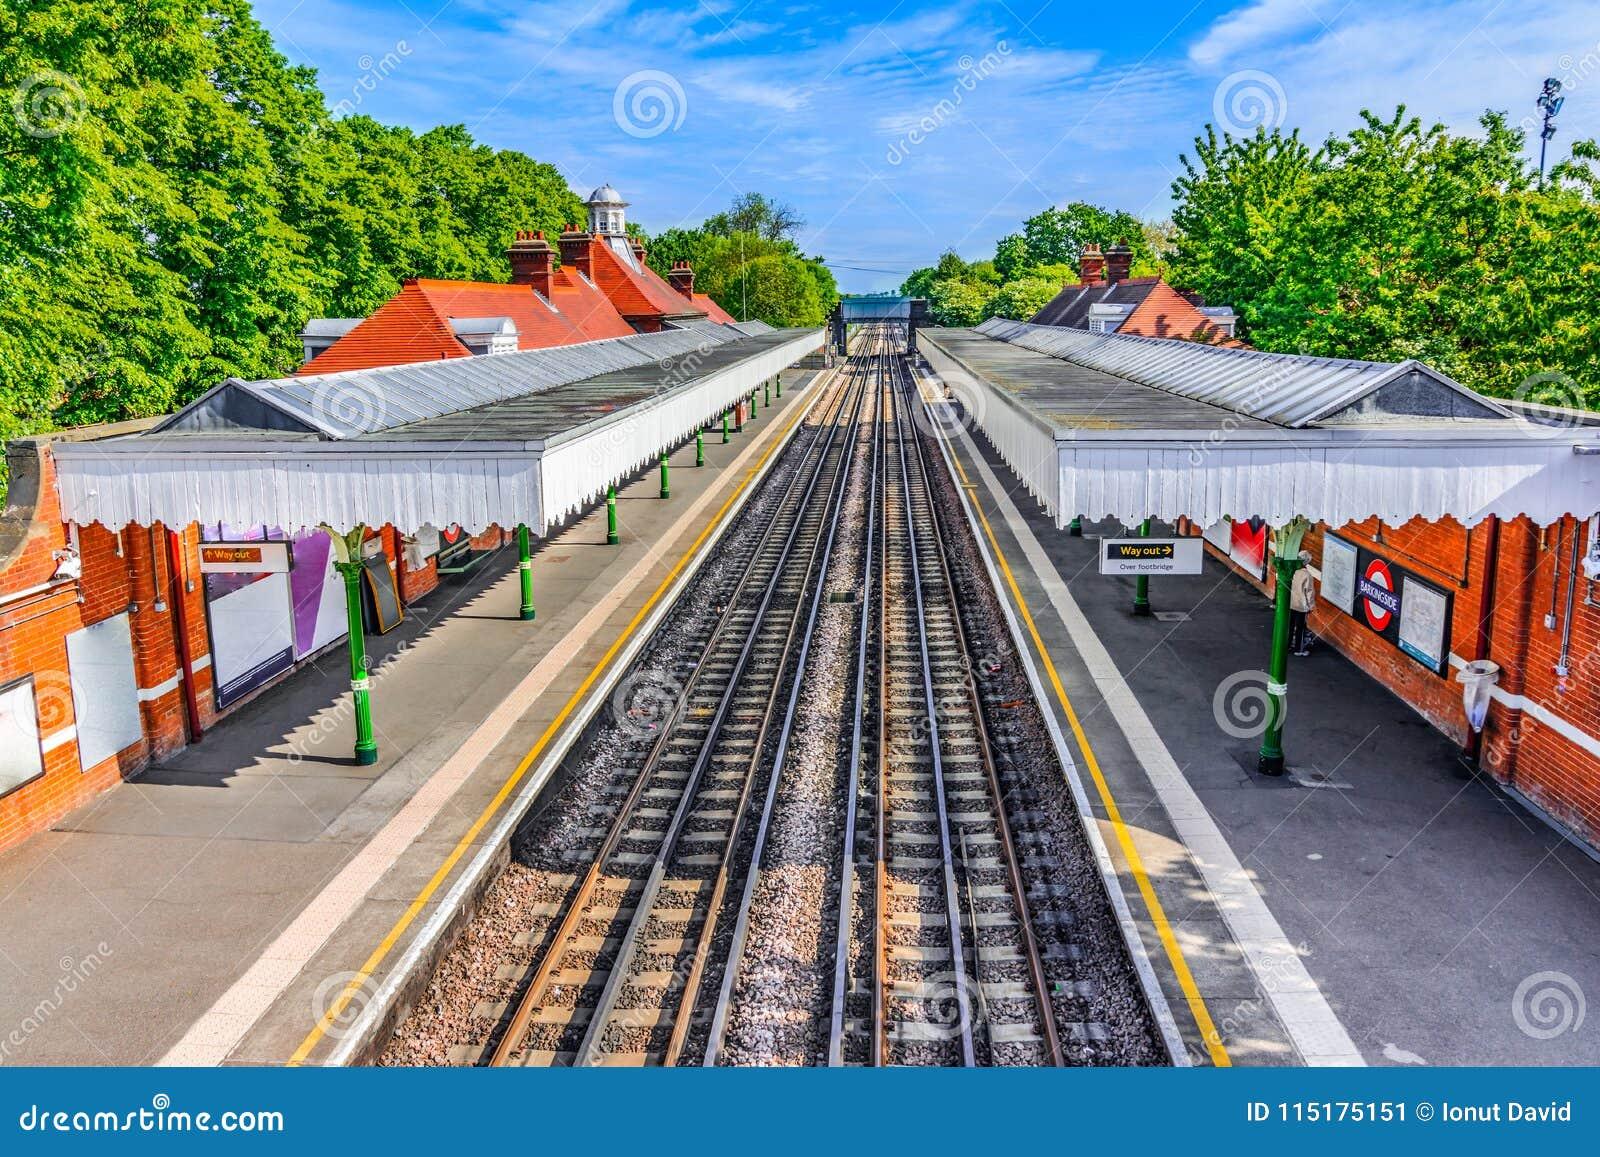 Londen, het Verenigd Koninkrijk van Groot-Brittannië: Het kleurrijke station van Londen